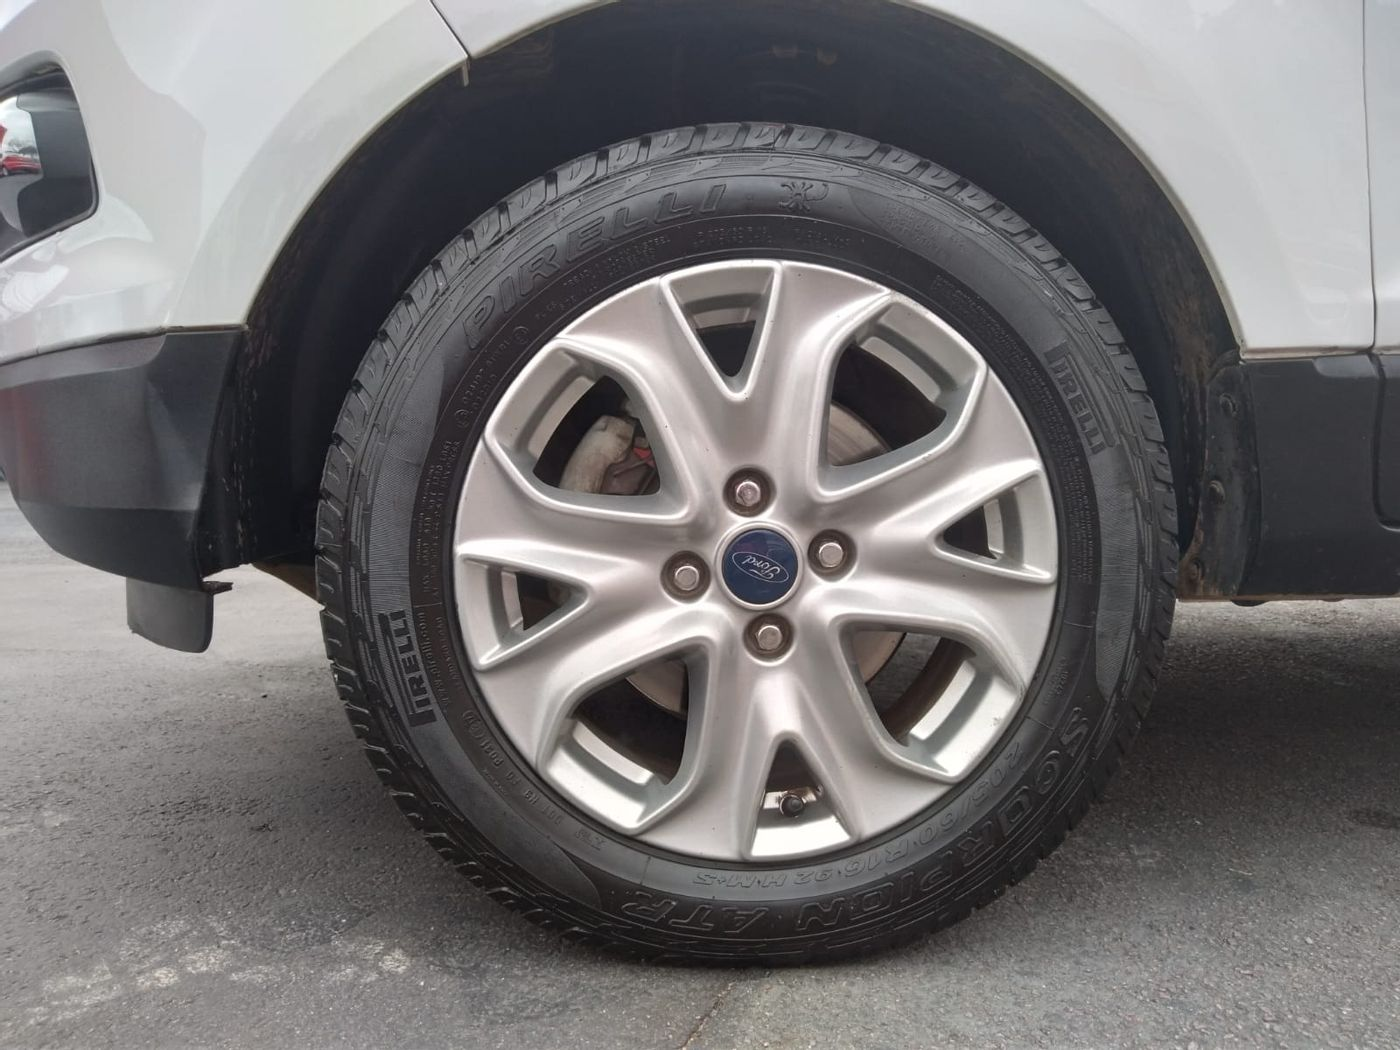 Ford EcoSport TITANIUM 2.0 16V Flex 5p Aut.